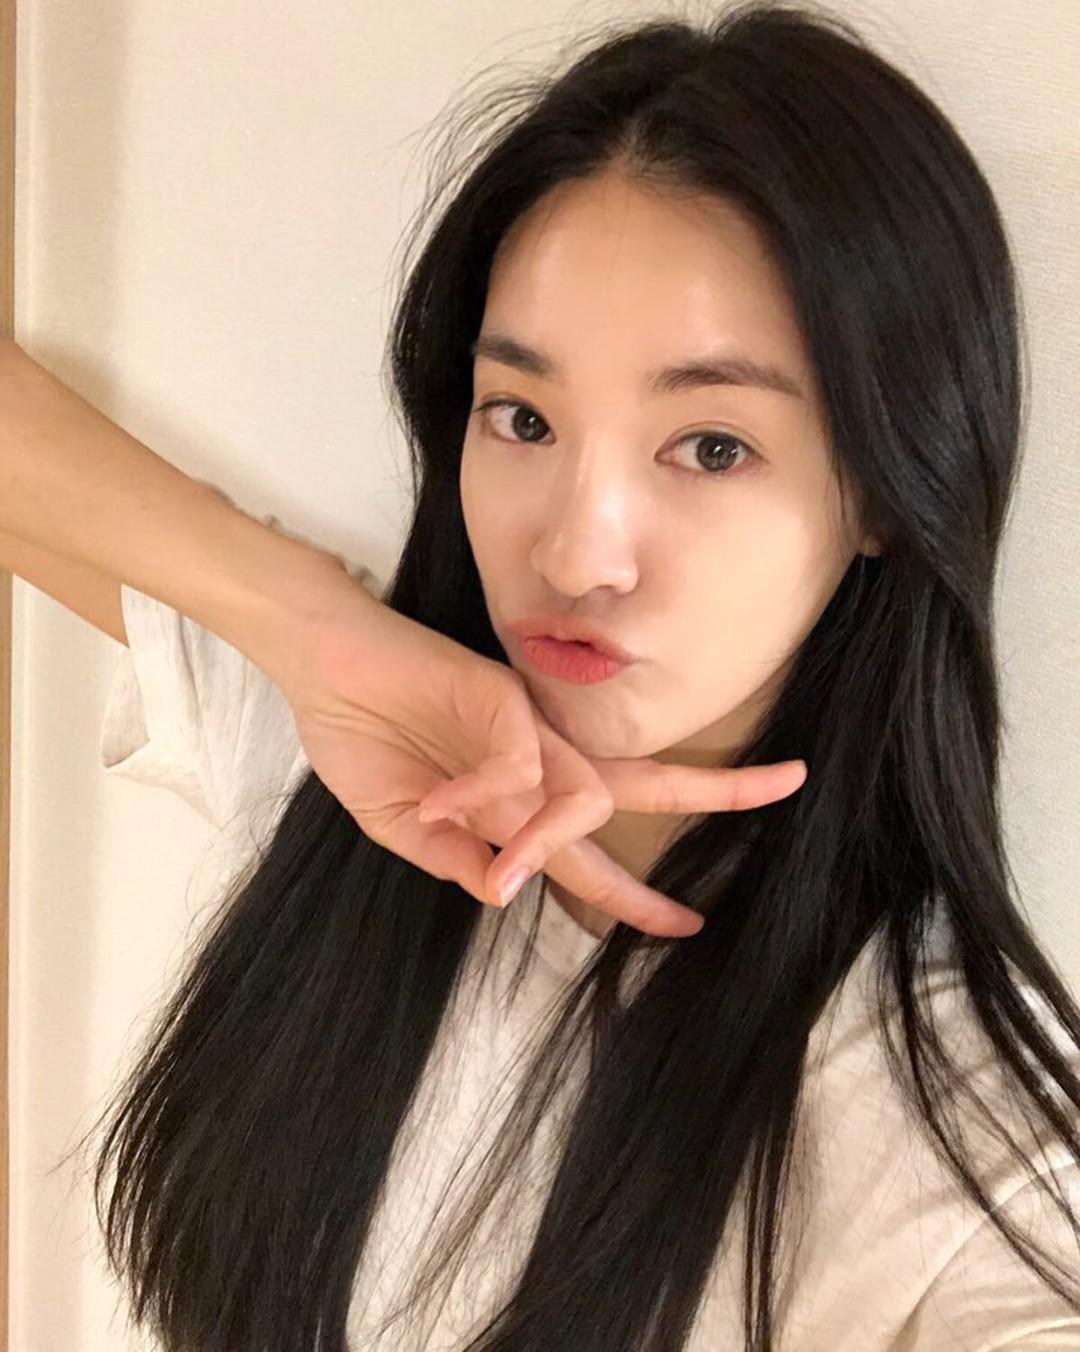 """Mỹ phẩm mà """"bạn gái G-Dragon"""" Lee Joo Yeon sử dụng cũng có món bình dân chỉ 75.000VNĐ - Ảnh 2."""